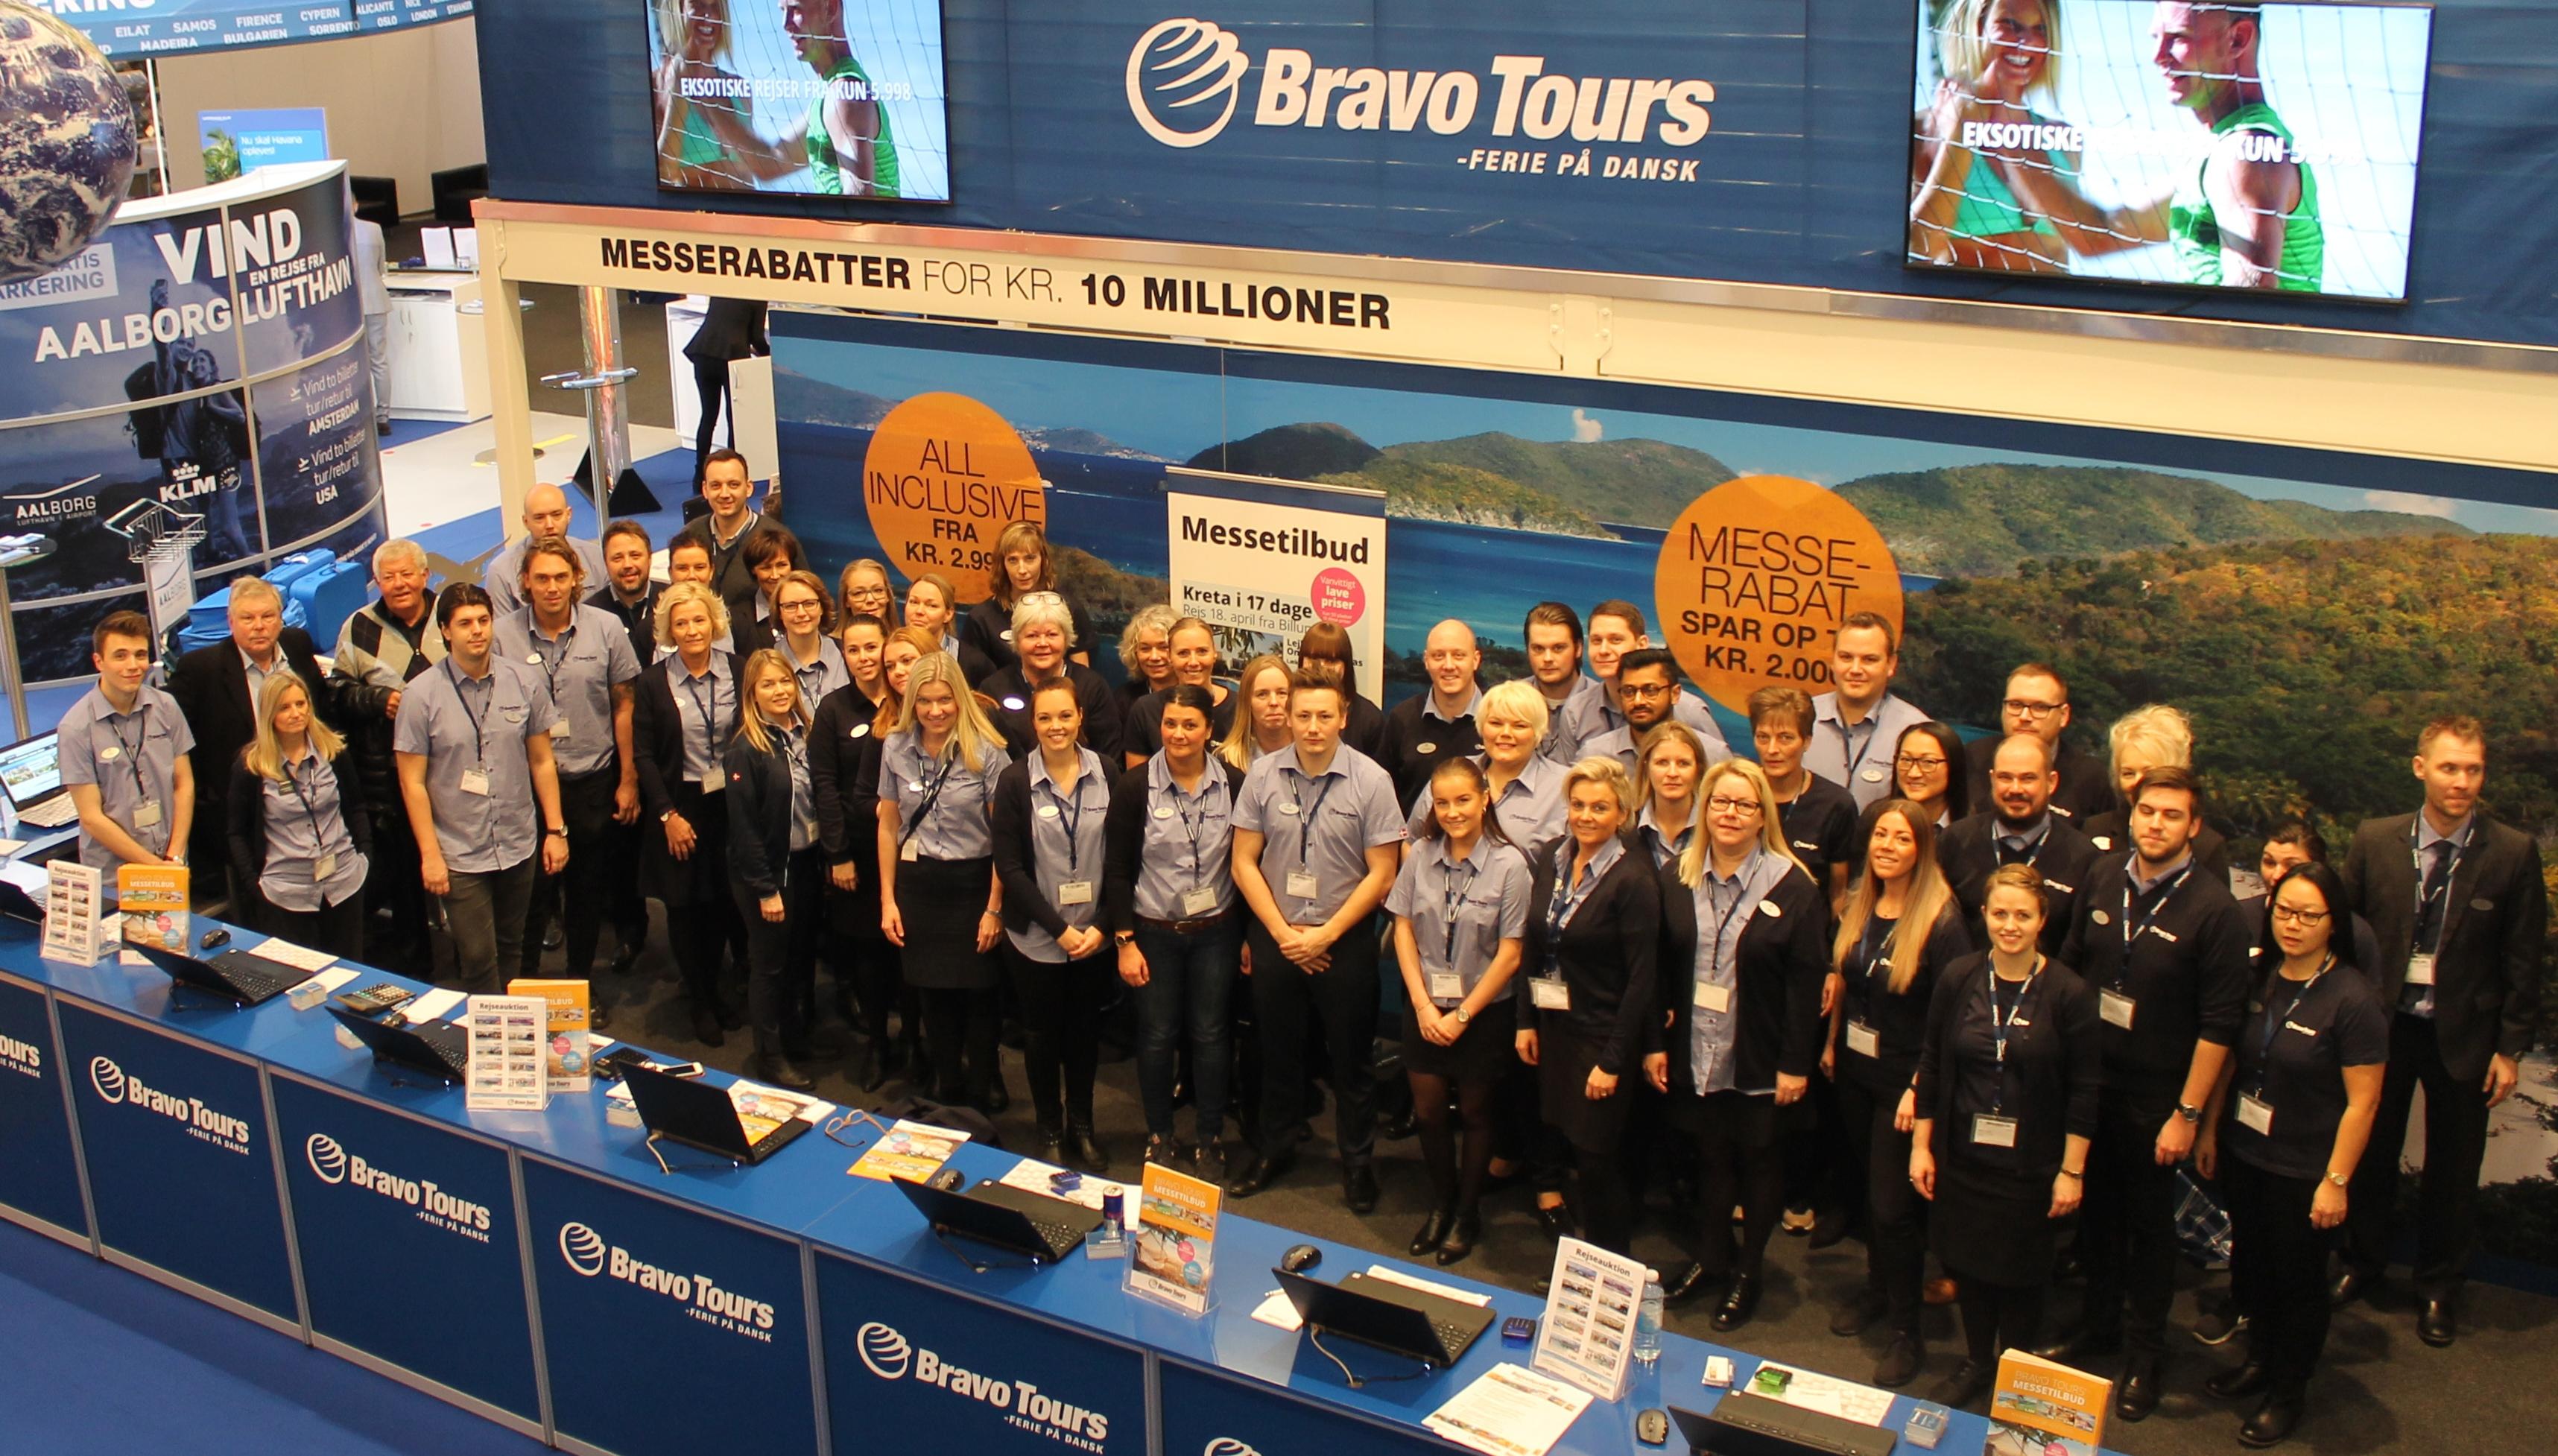 Personale fra Bravo Tours på Ferie for Alle sidste år i Messecenter Herning. Foto: Messecenter Herning.